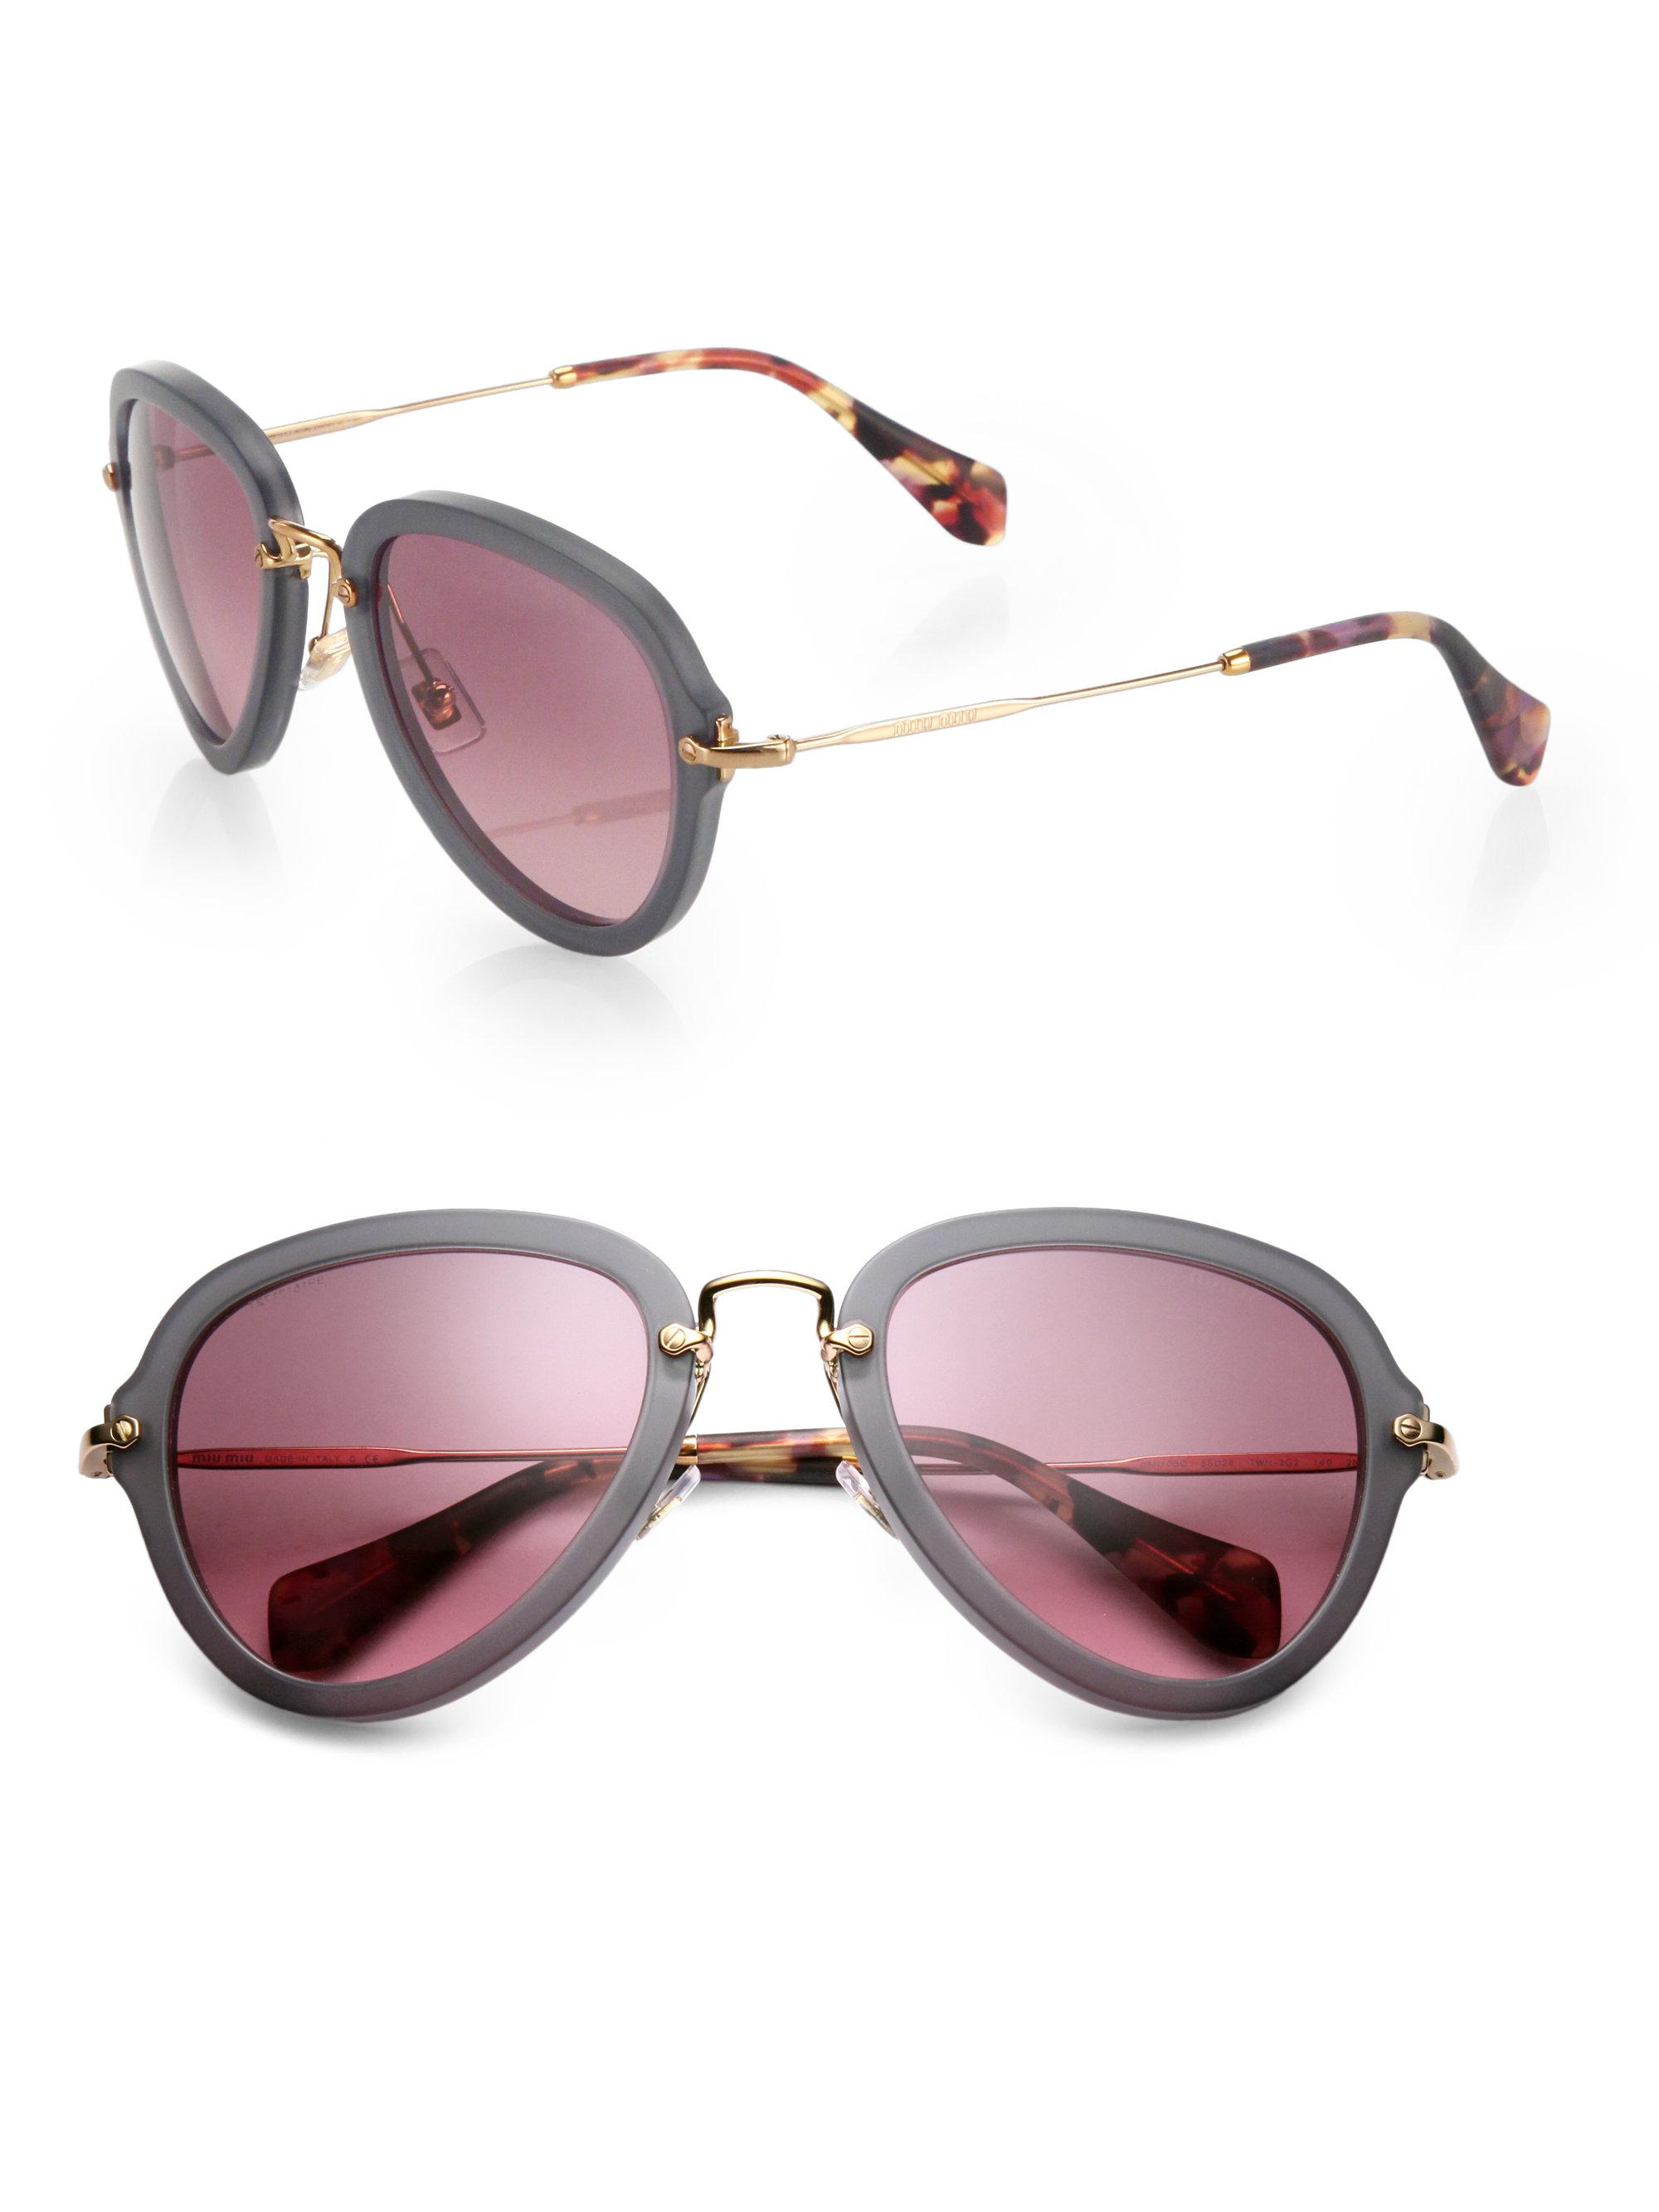 Miu Miu Round Sunglasses Replica   David Simchi-Levi bc5f9aa744